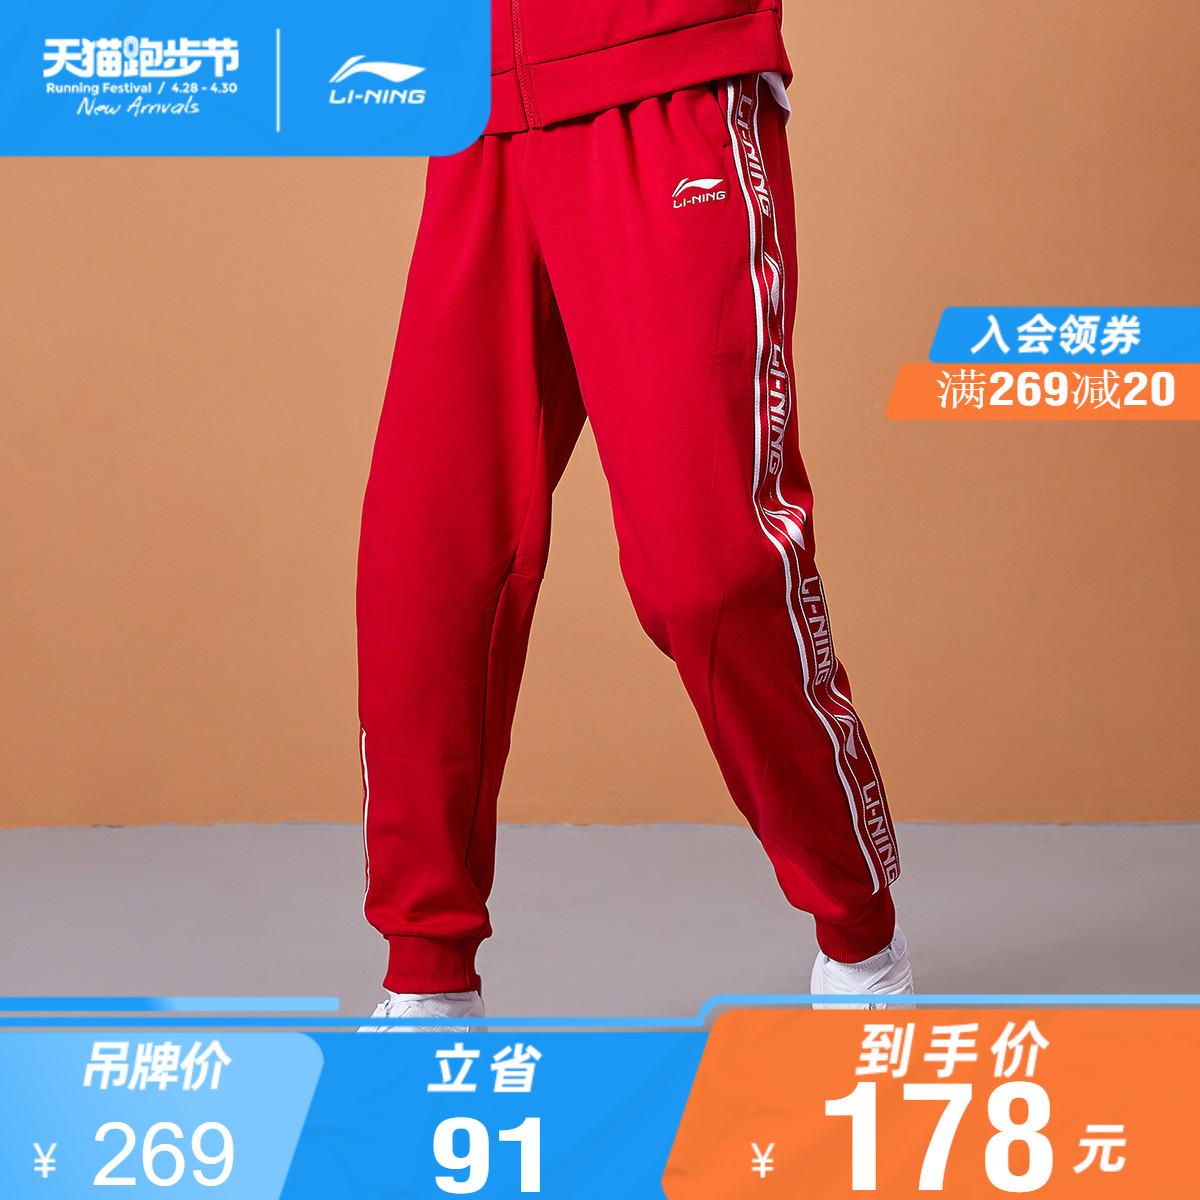 李宁卫裤男士春季红色字母印花束脚休闲裤小脚收口针织运动长裤